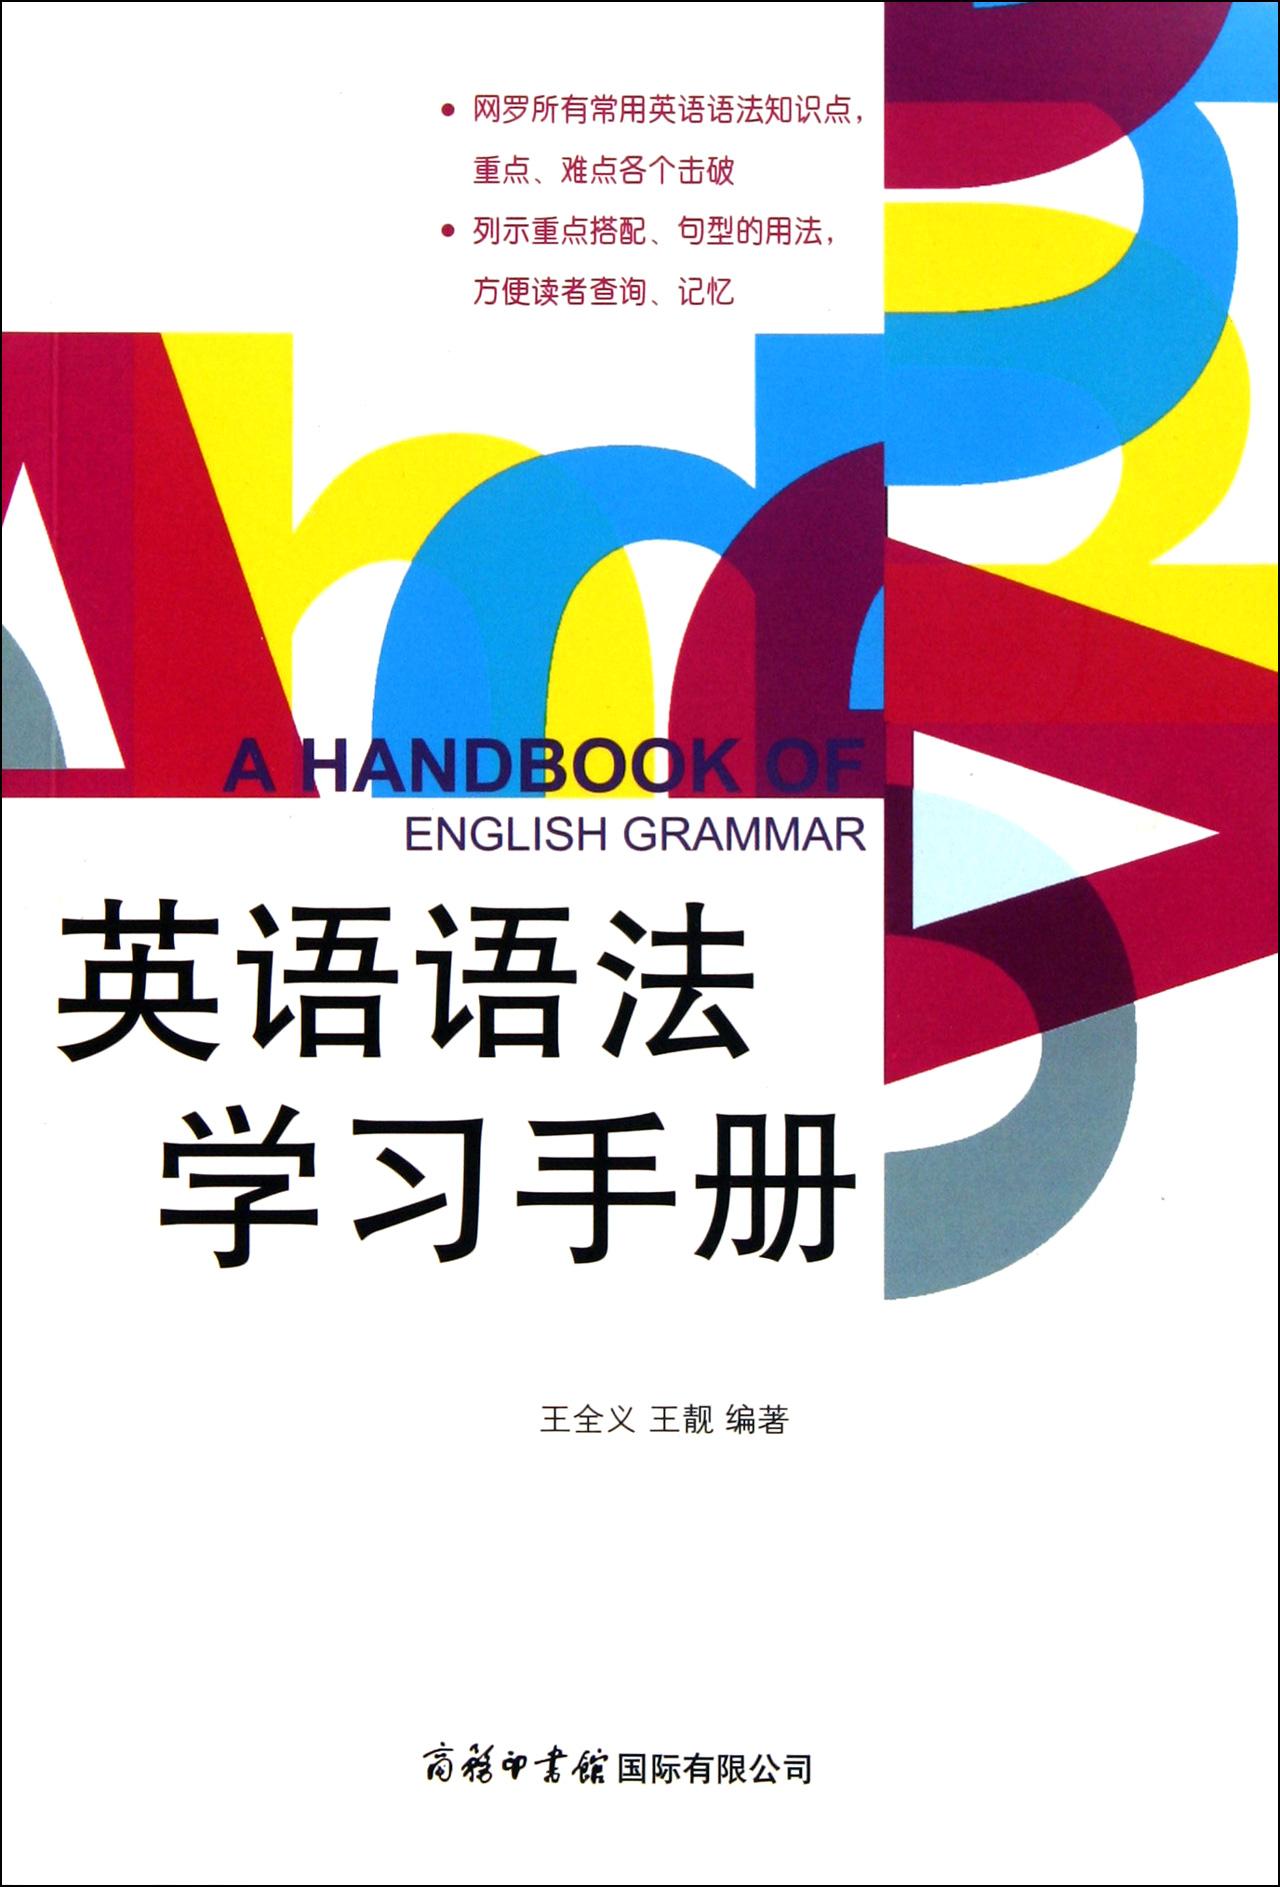 英语语法学习手册-博库网